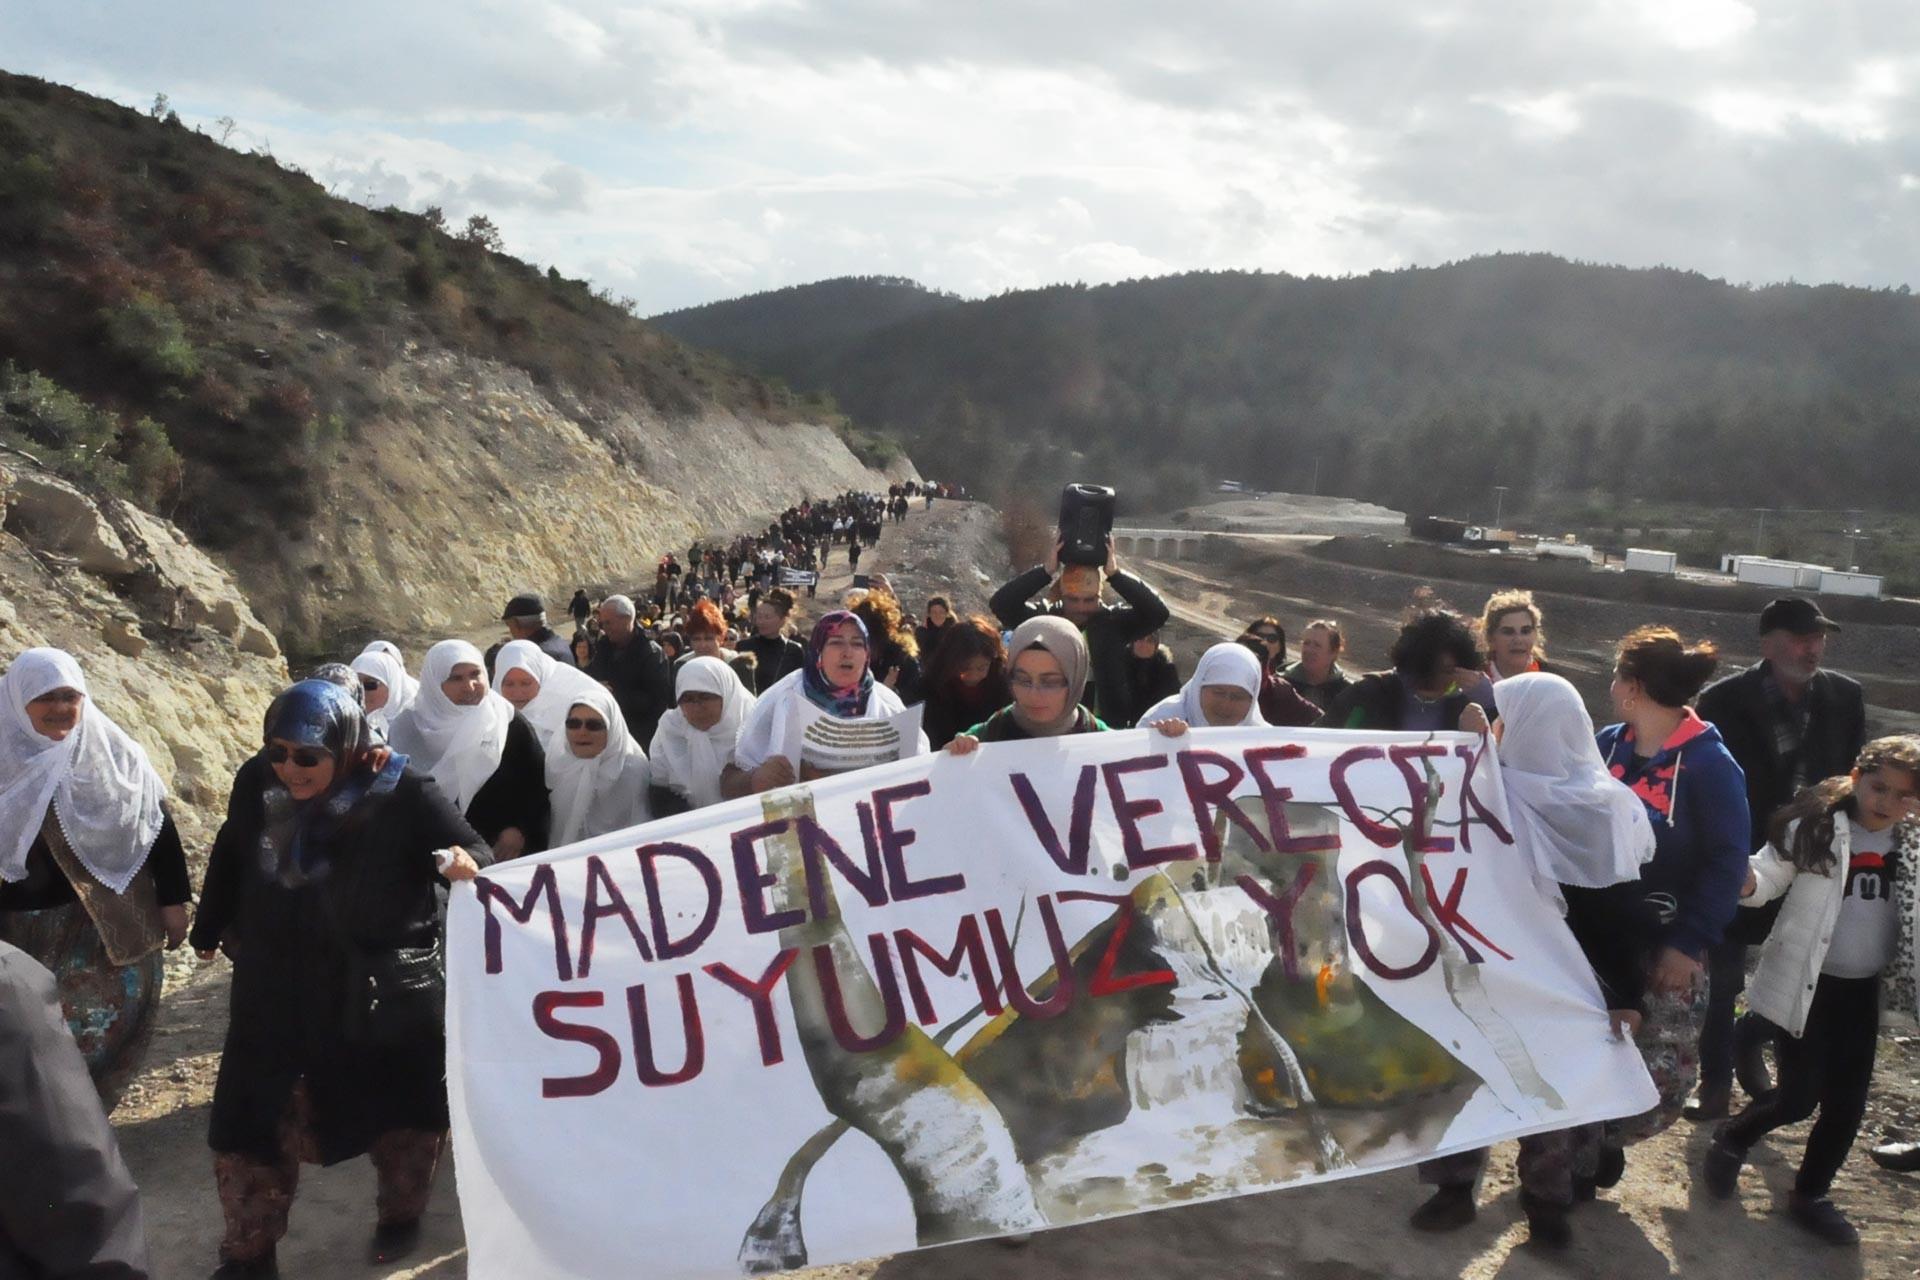 Çanakkale Kumarlar köyü kadınları, altın şirketinin sularını ellerinden almasına karşı 'Madene verecek suyumuz yok' pankartıyla yürürken